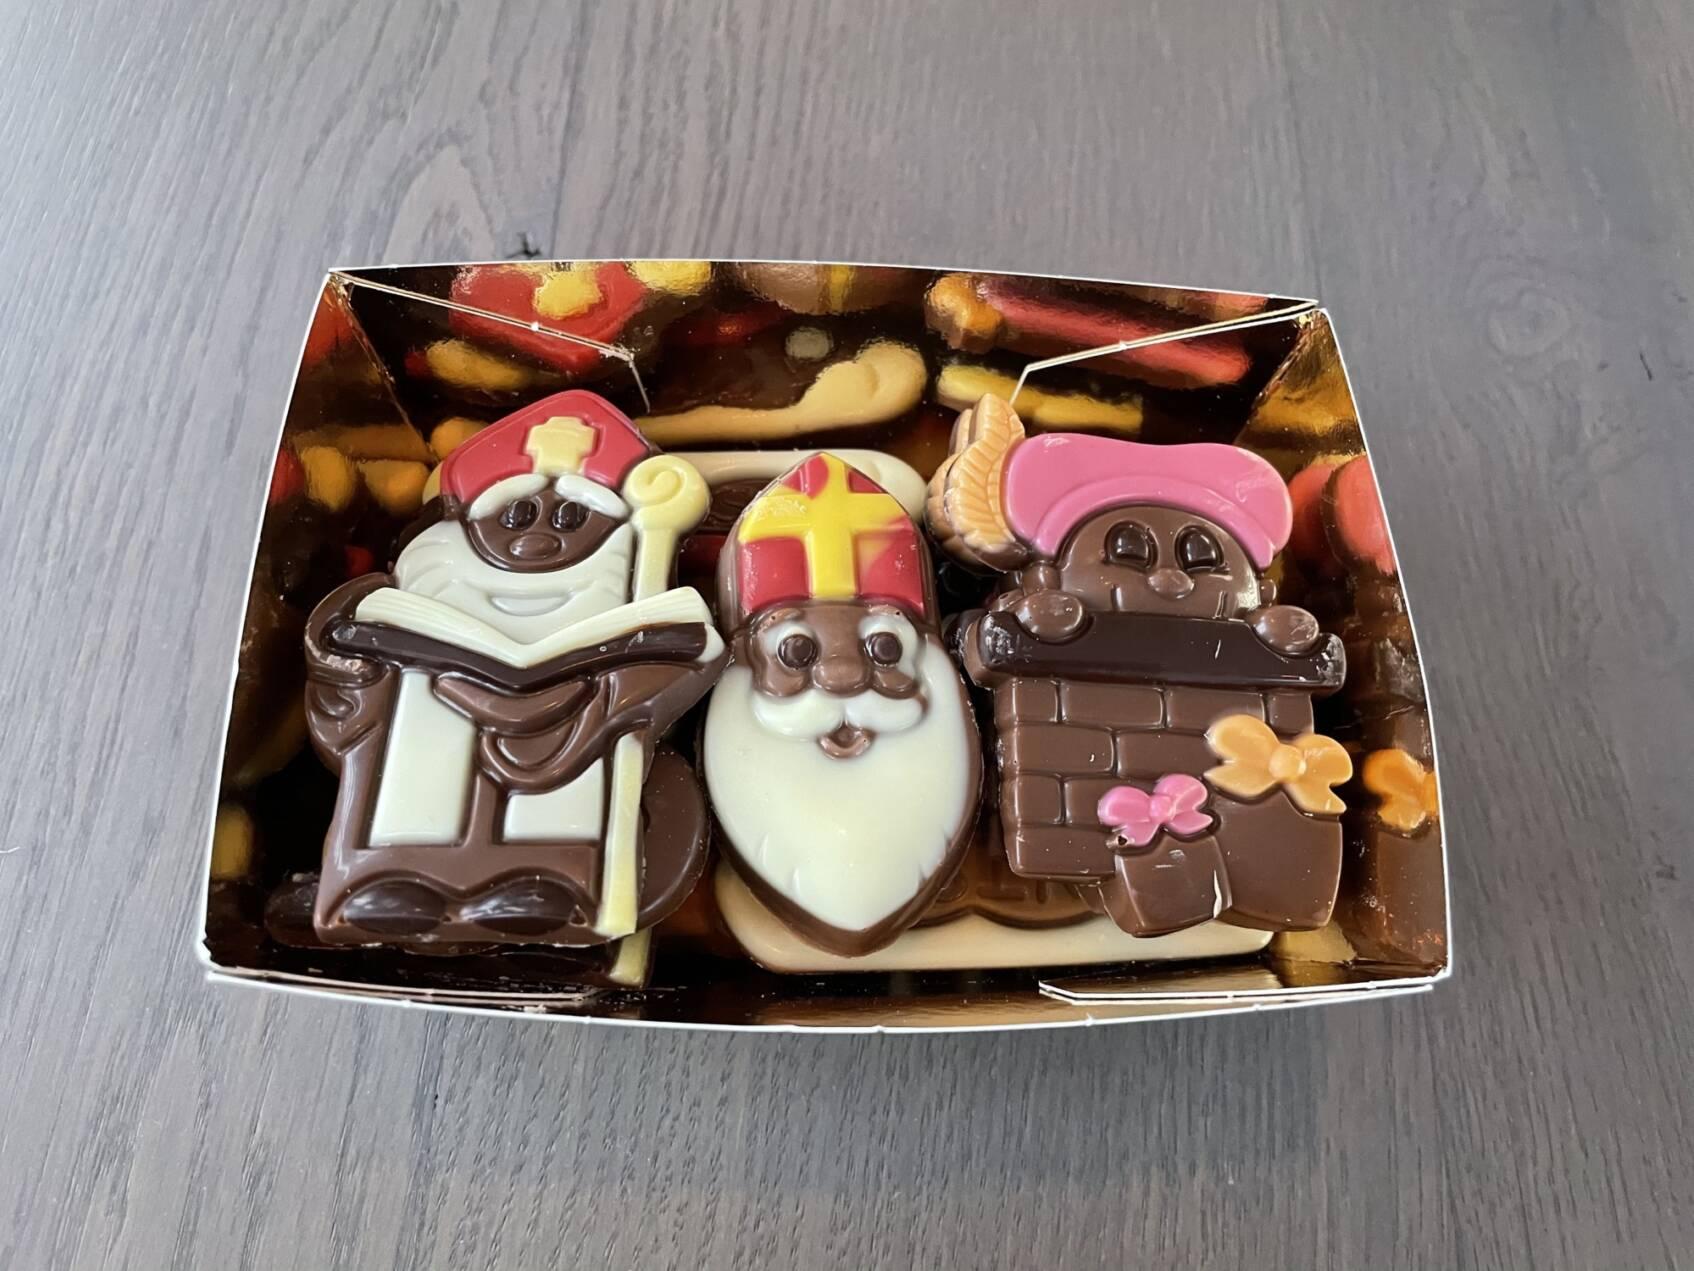 Goudbakje luxe sinterklaaschocolade